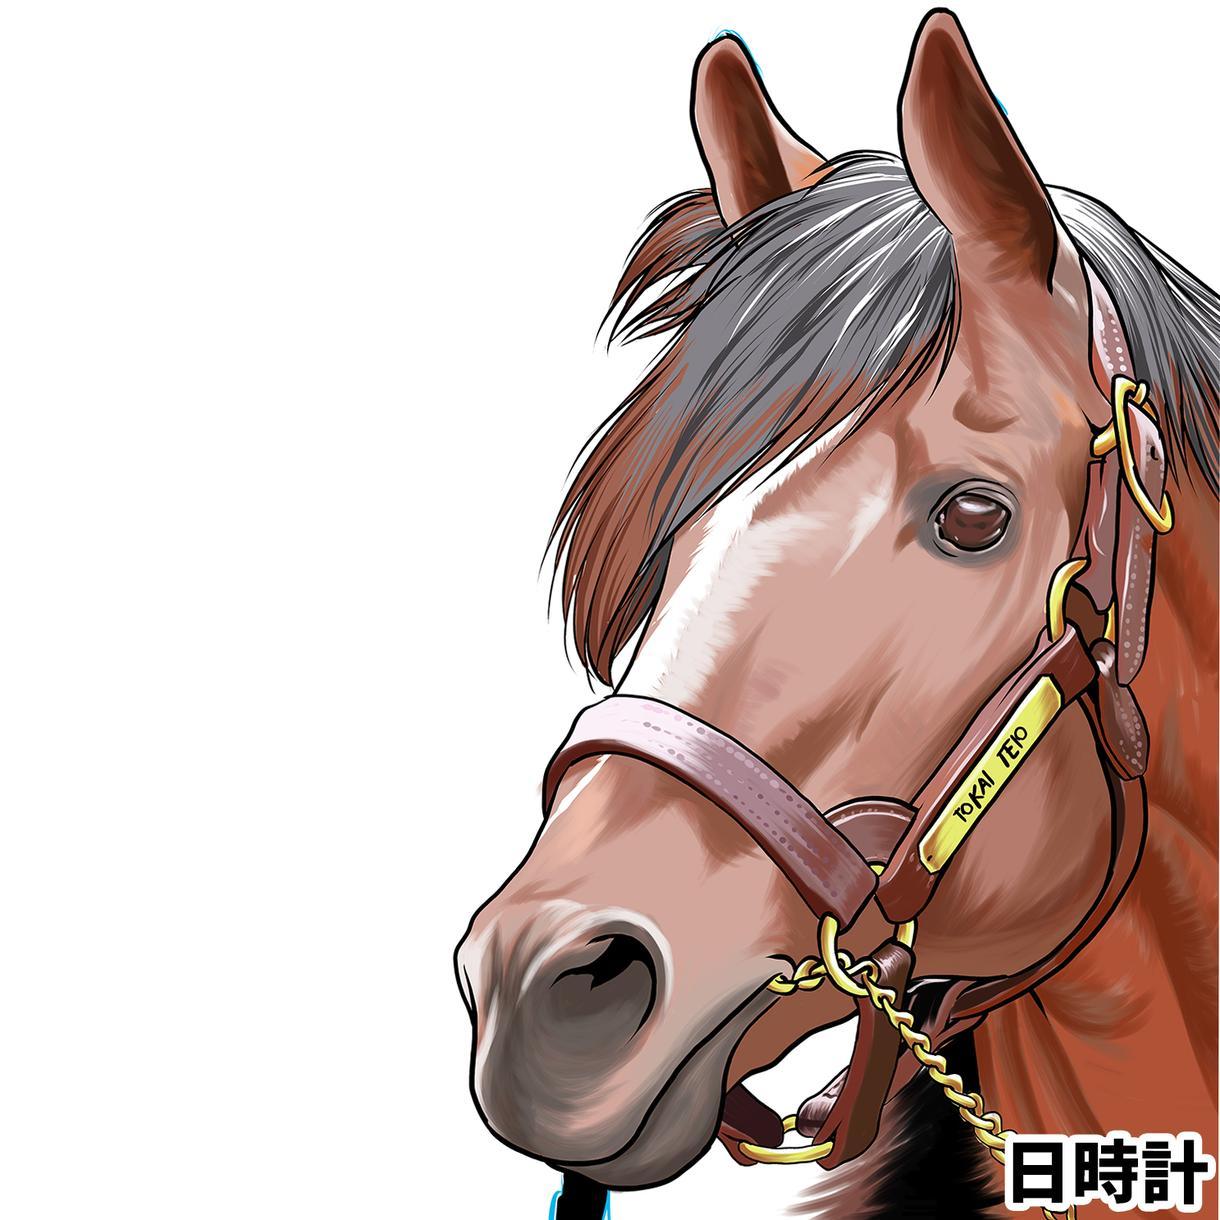 競馬のイラスト何でも制作します 好きな馬、好きな騎手、好きなレース、どんな依頼でも制作OK!